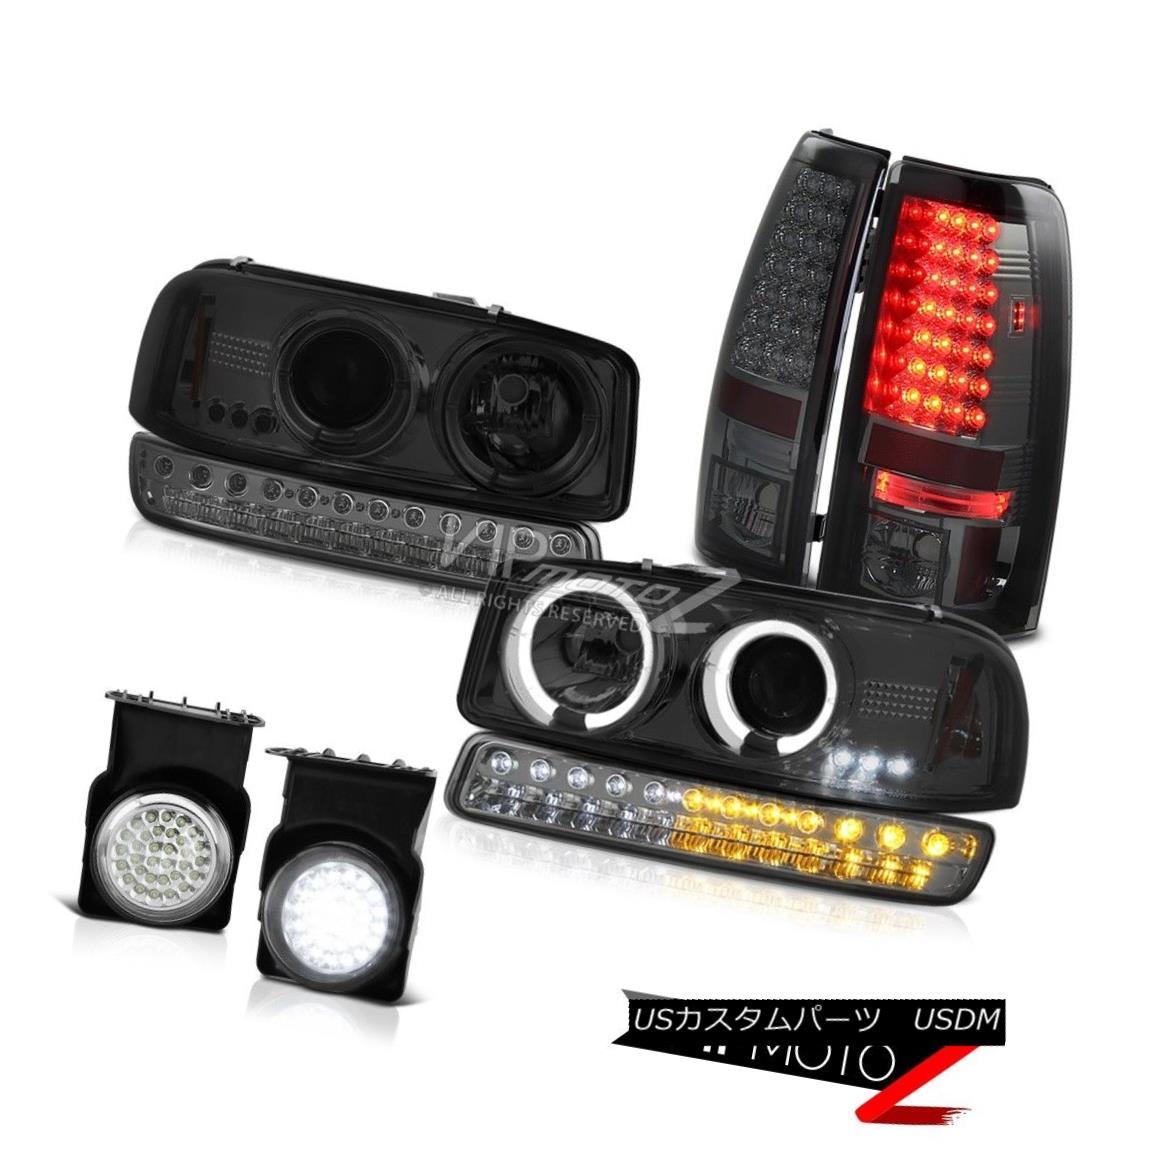 ヘッドライト 03 04 05 06 Sierra 1500 Fog Lamps Smoked LED Tail Brake Turn Signal Headlamps 03 04 05 06 Sierra 1500フォグランプスモークLEDテールブレーキターンシグナルヘッドランプ